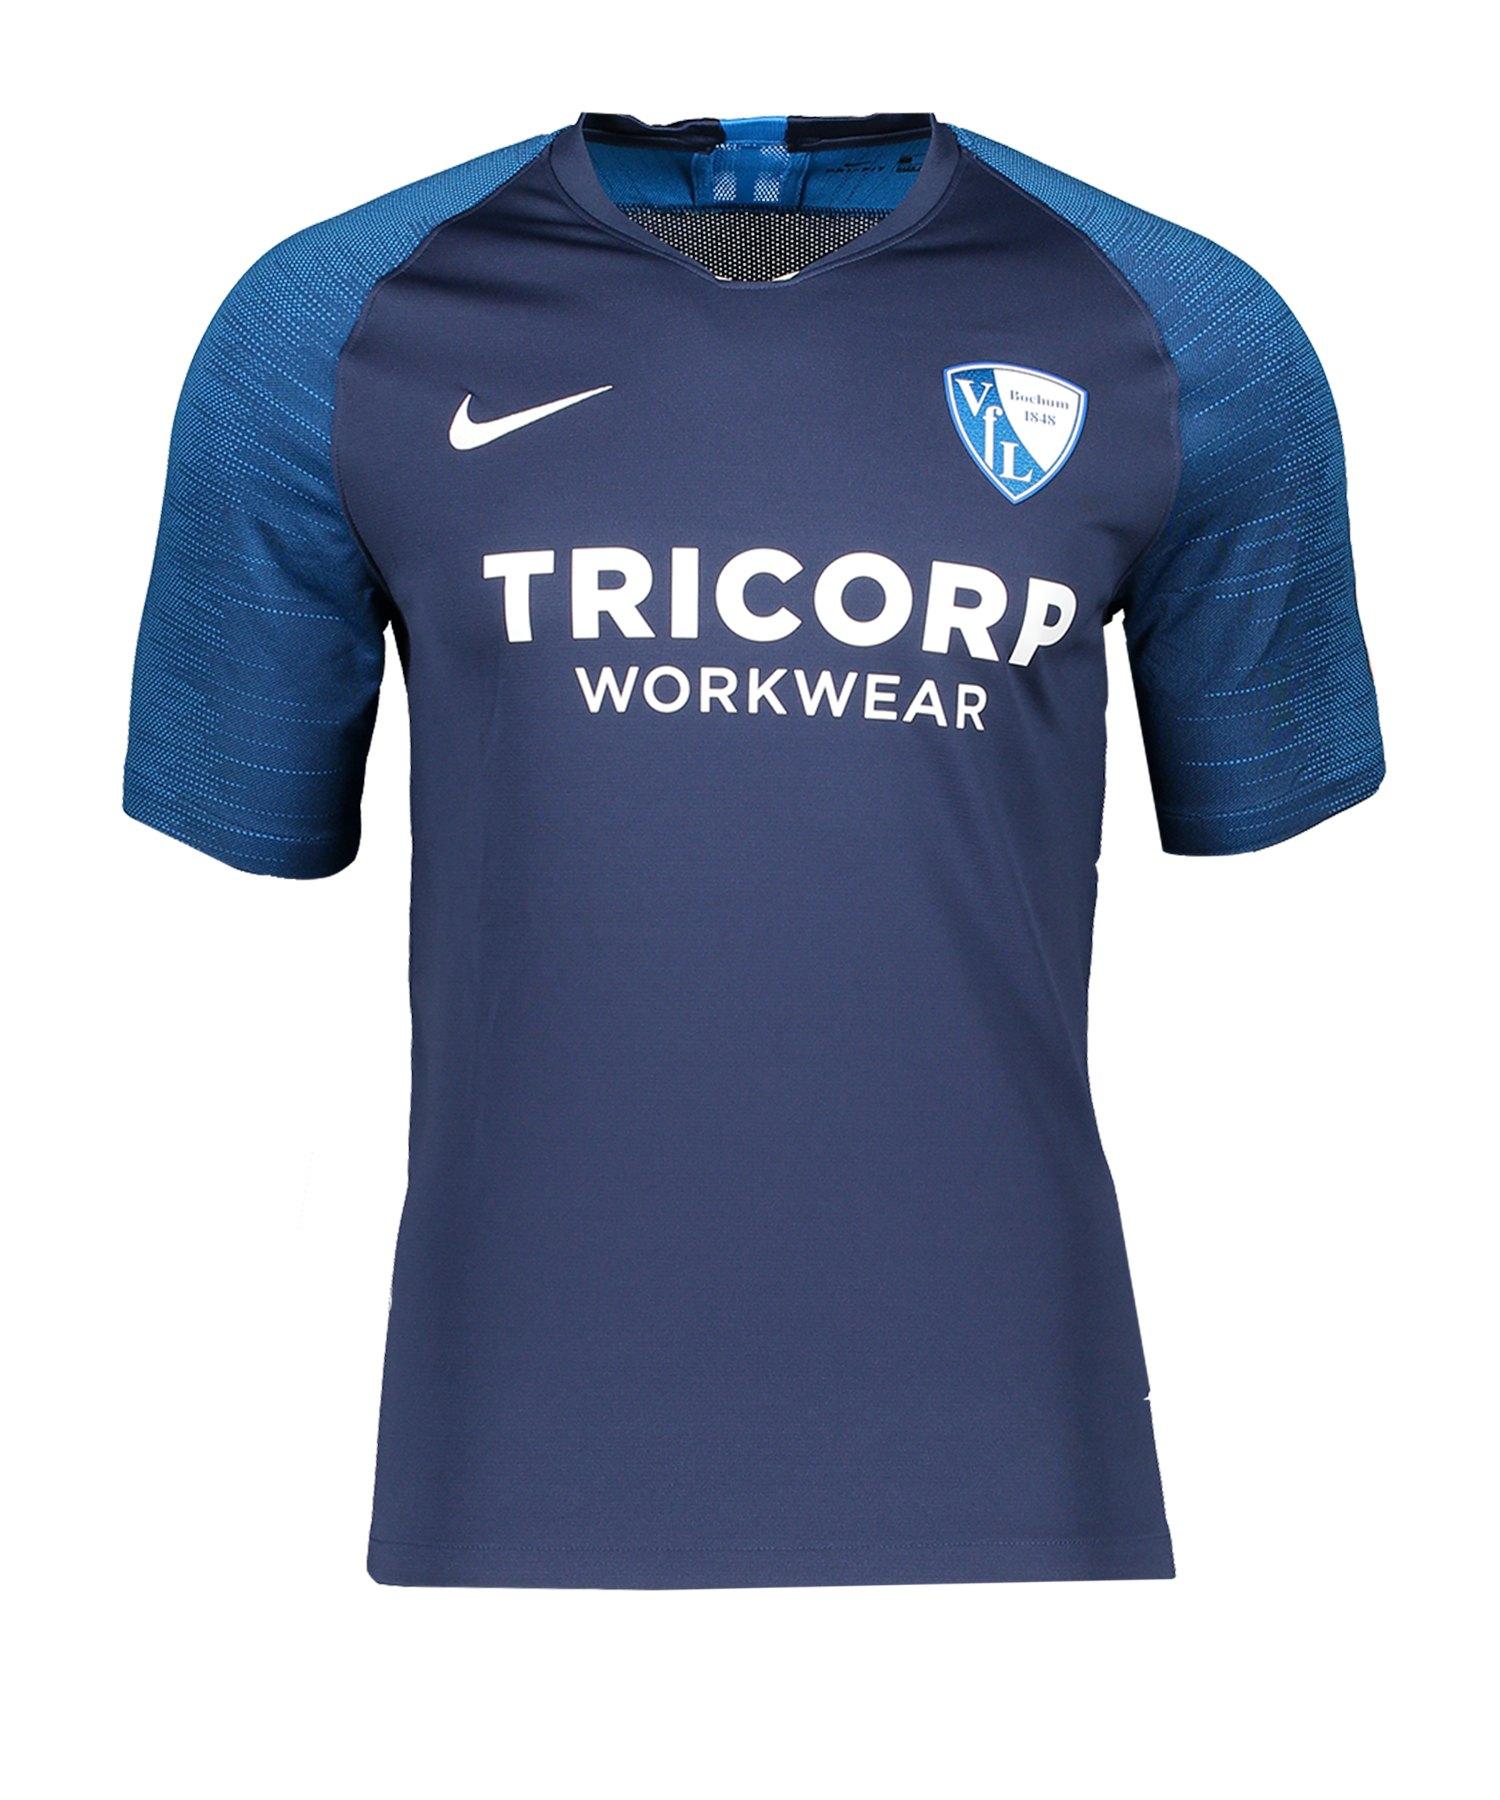 Nike VfL Bochum Trikot Away 2019/2020 Blau F410 - blau